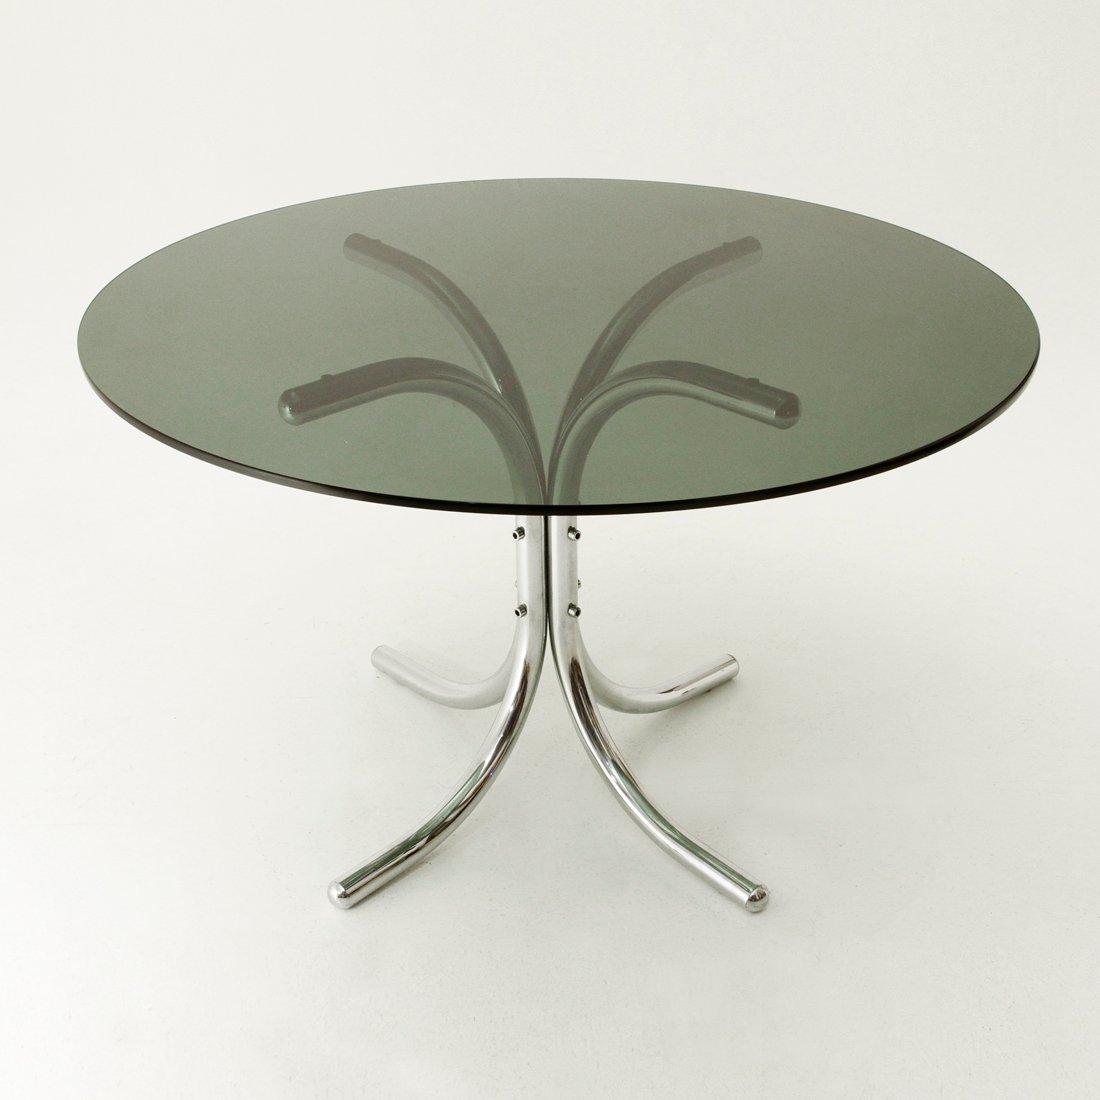 Italienischer Verchromter Esstisch mit Glasplatte, 1970er